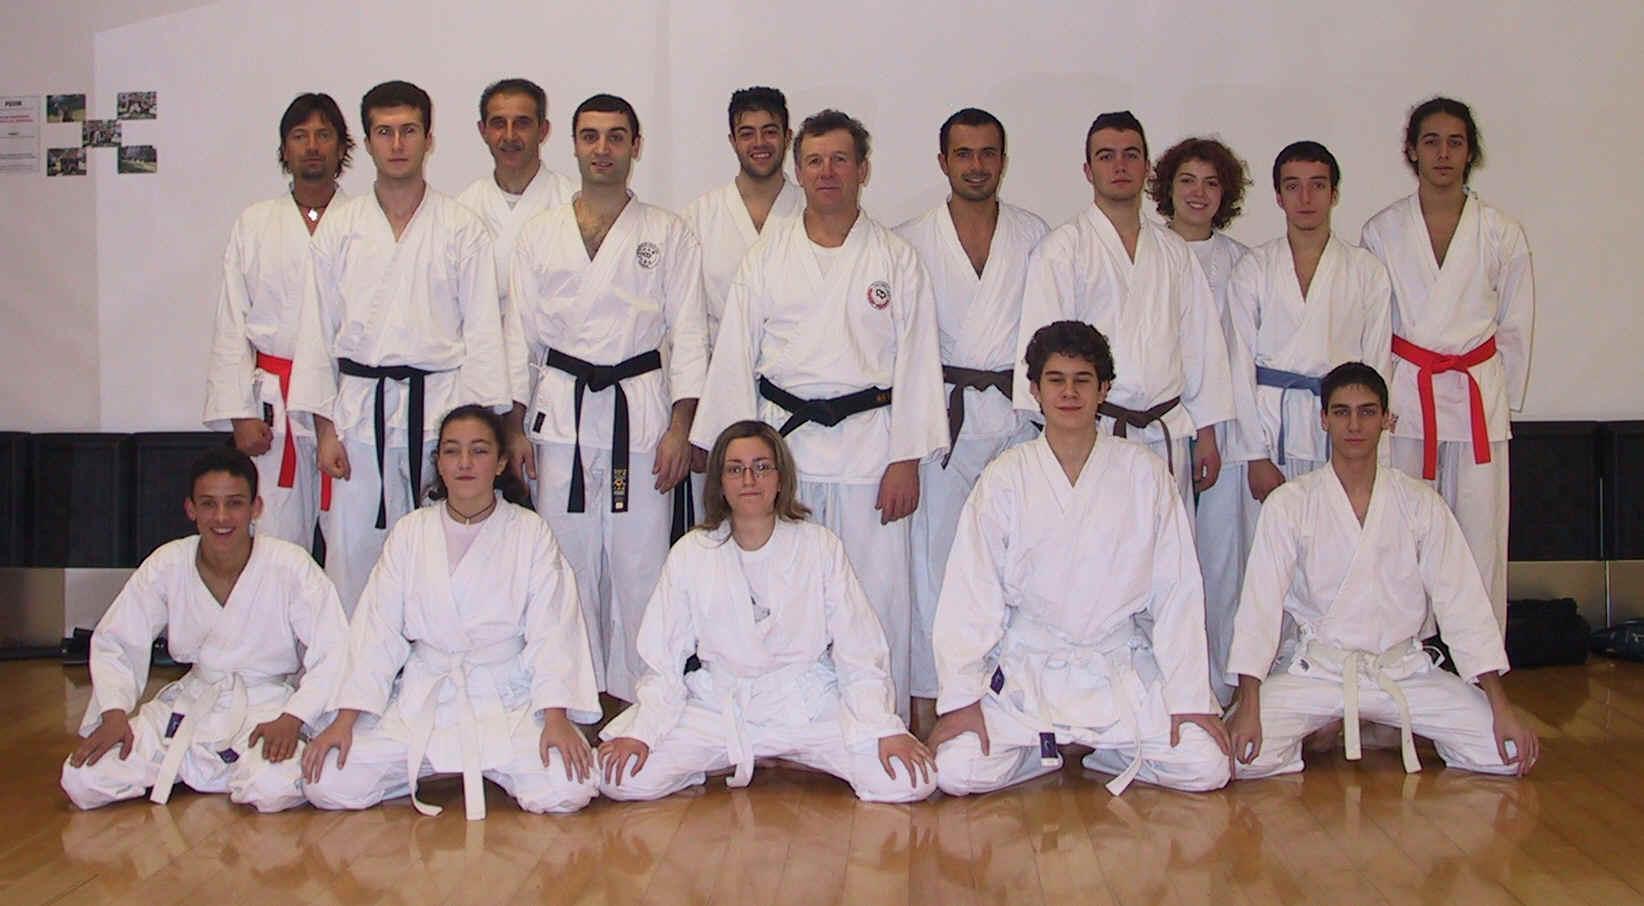 2003 futura